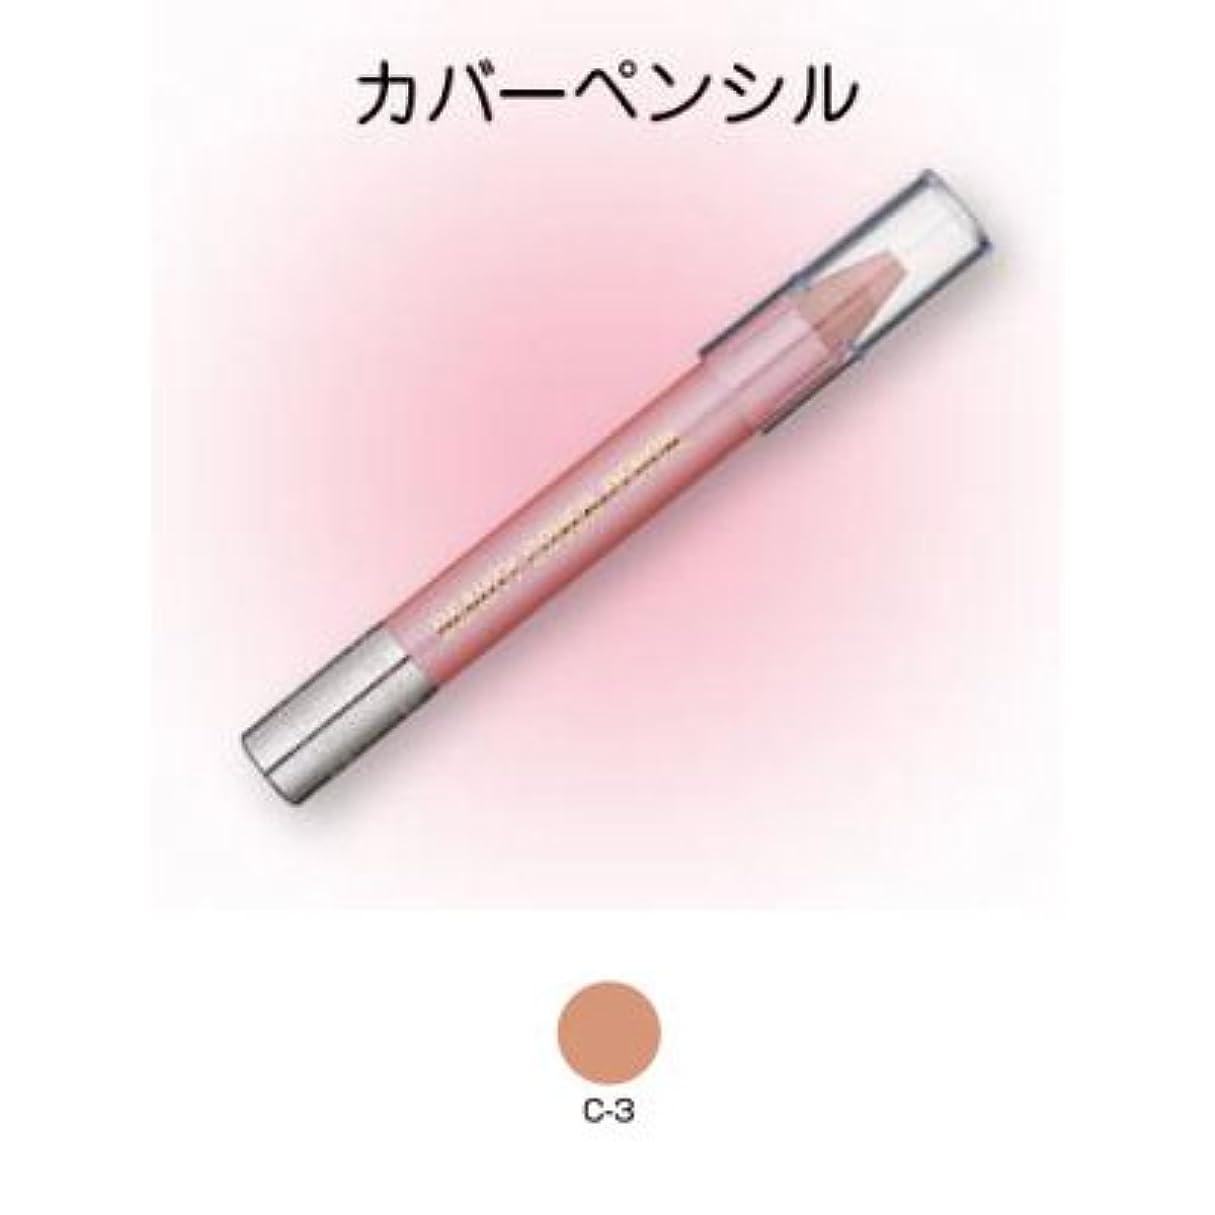 衣類パースタッチビューティーカバーペンシル C-3【三善】